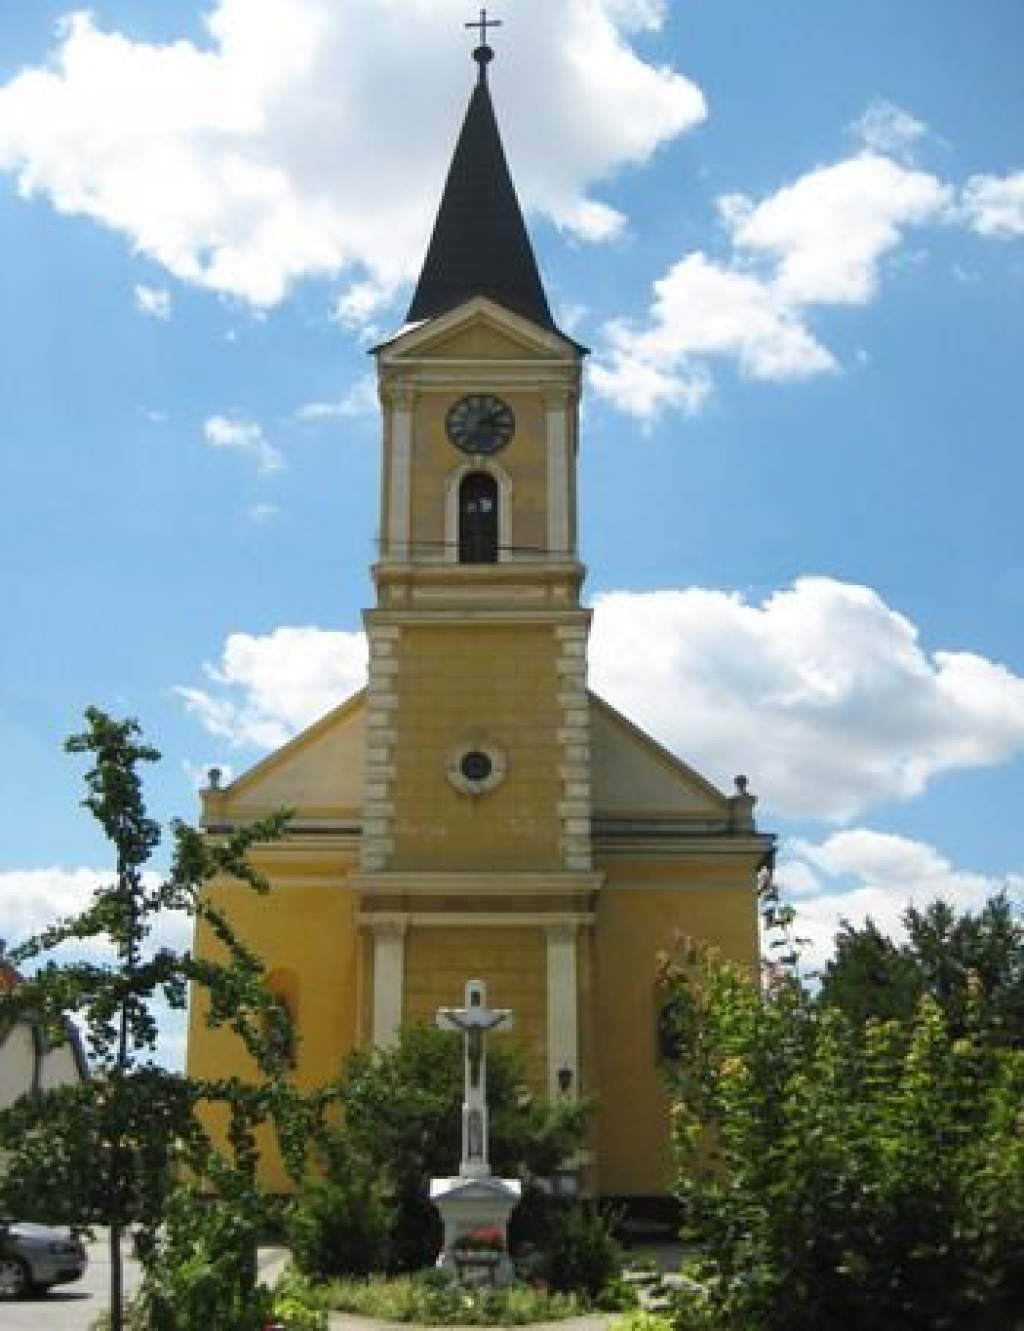 Érseki szentbeszédek: a hit szolgálatában - 2012 szeptember 16. Jászszentlászló